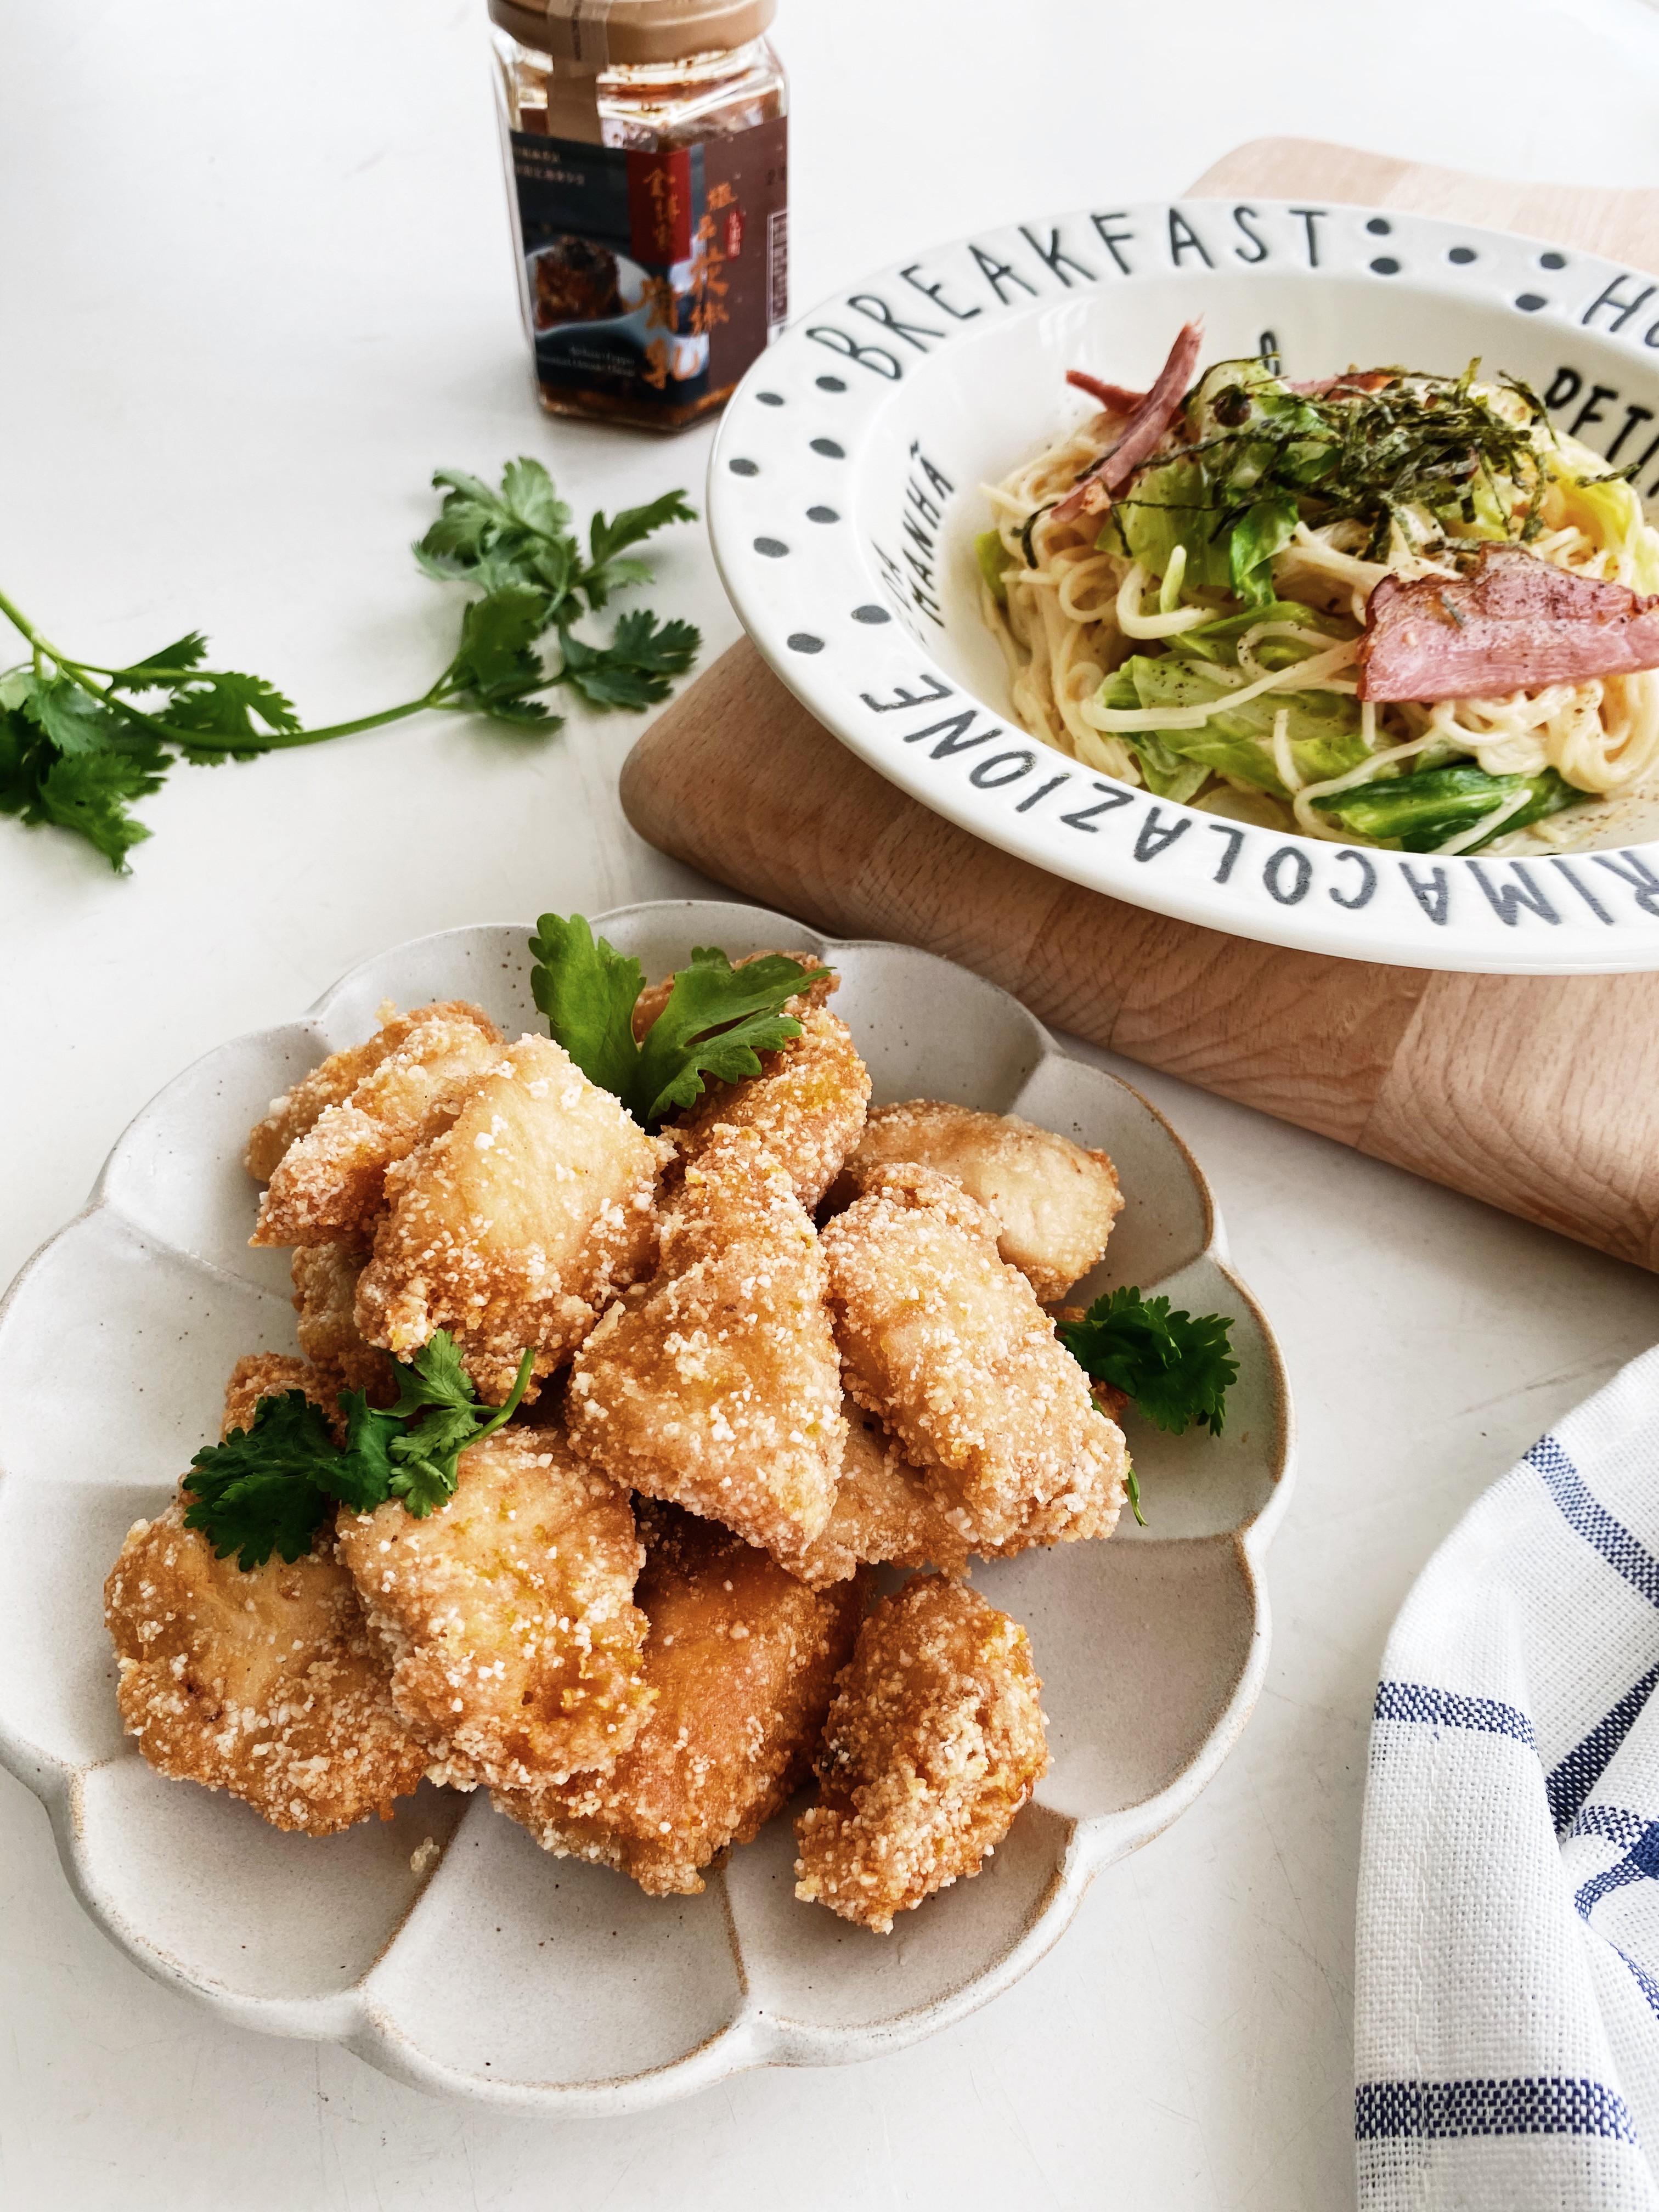 花椒腐乳義大利麵+花椒腐乳雞